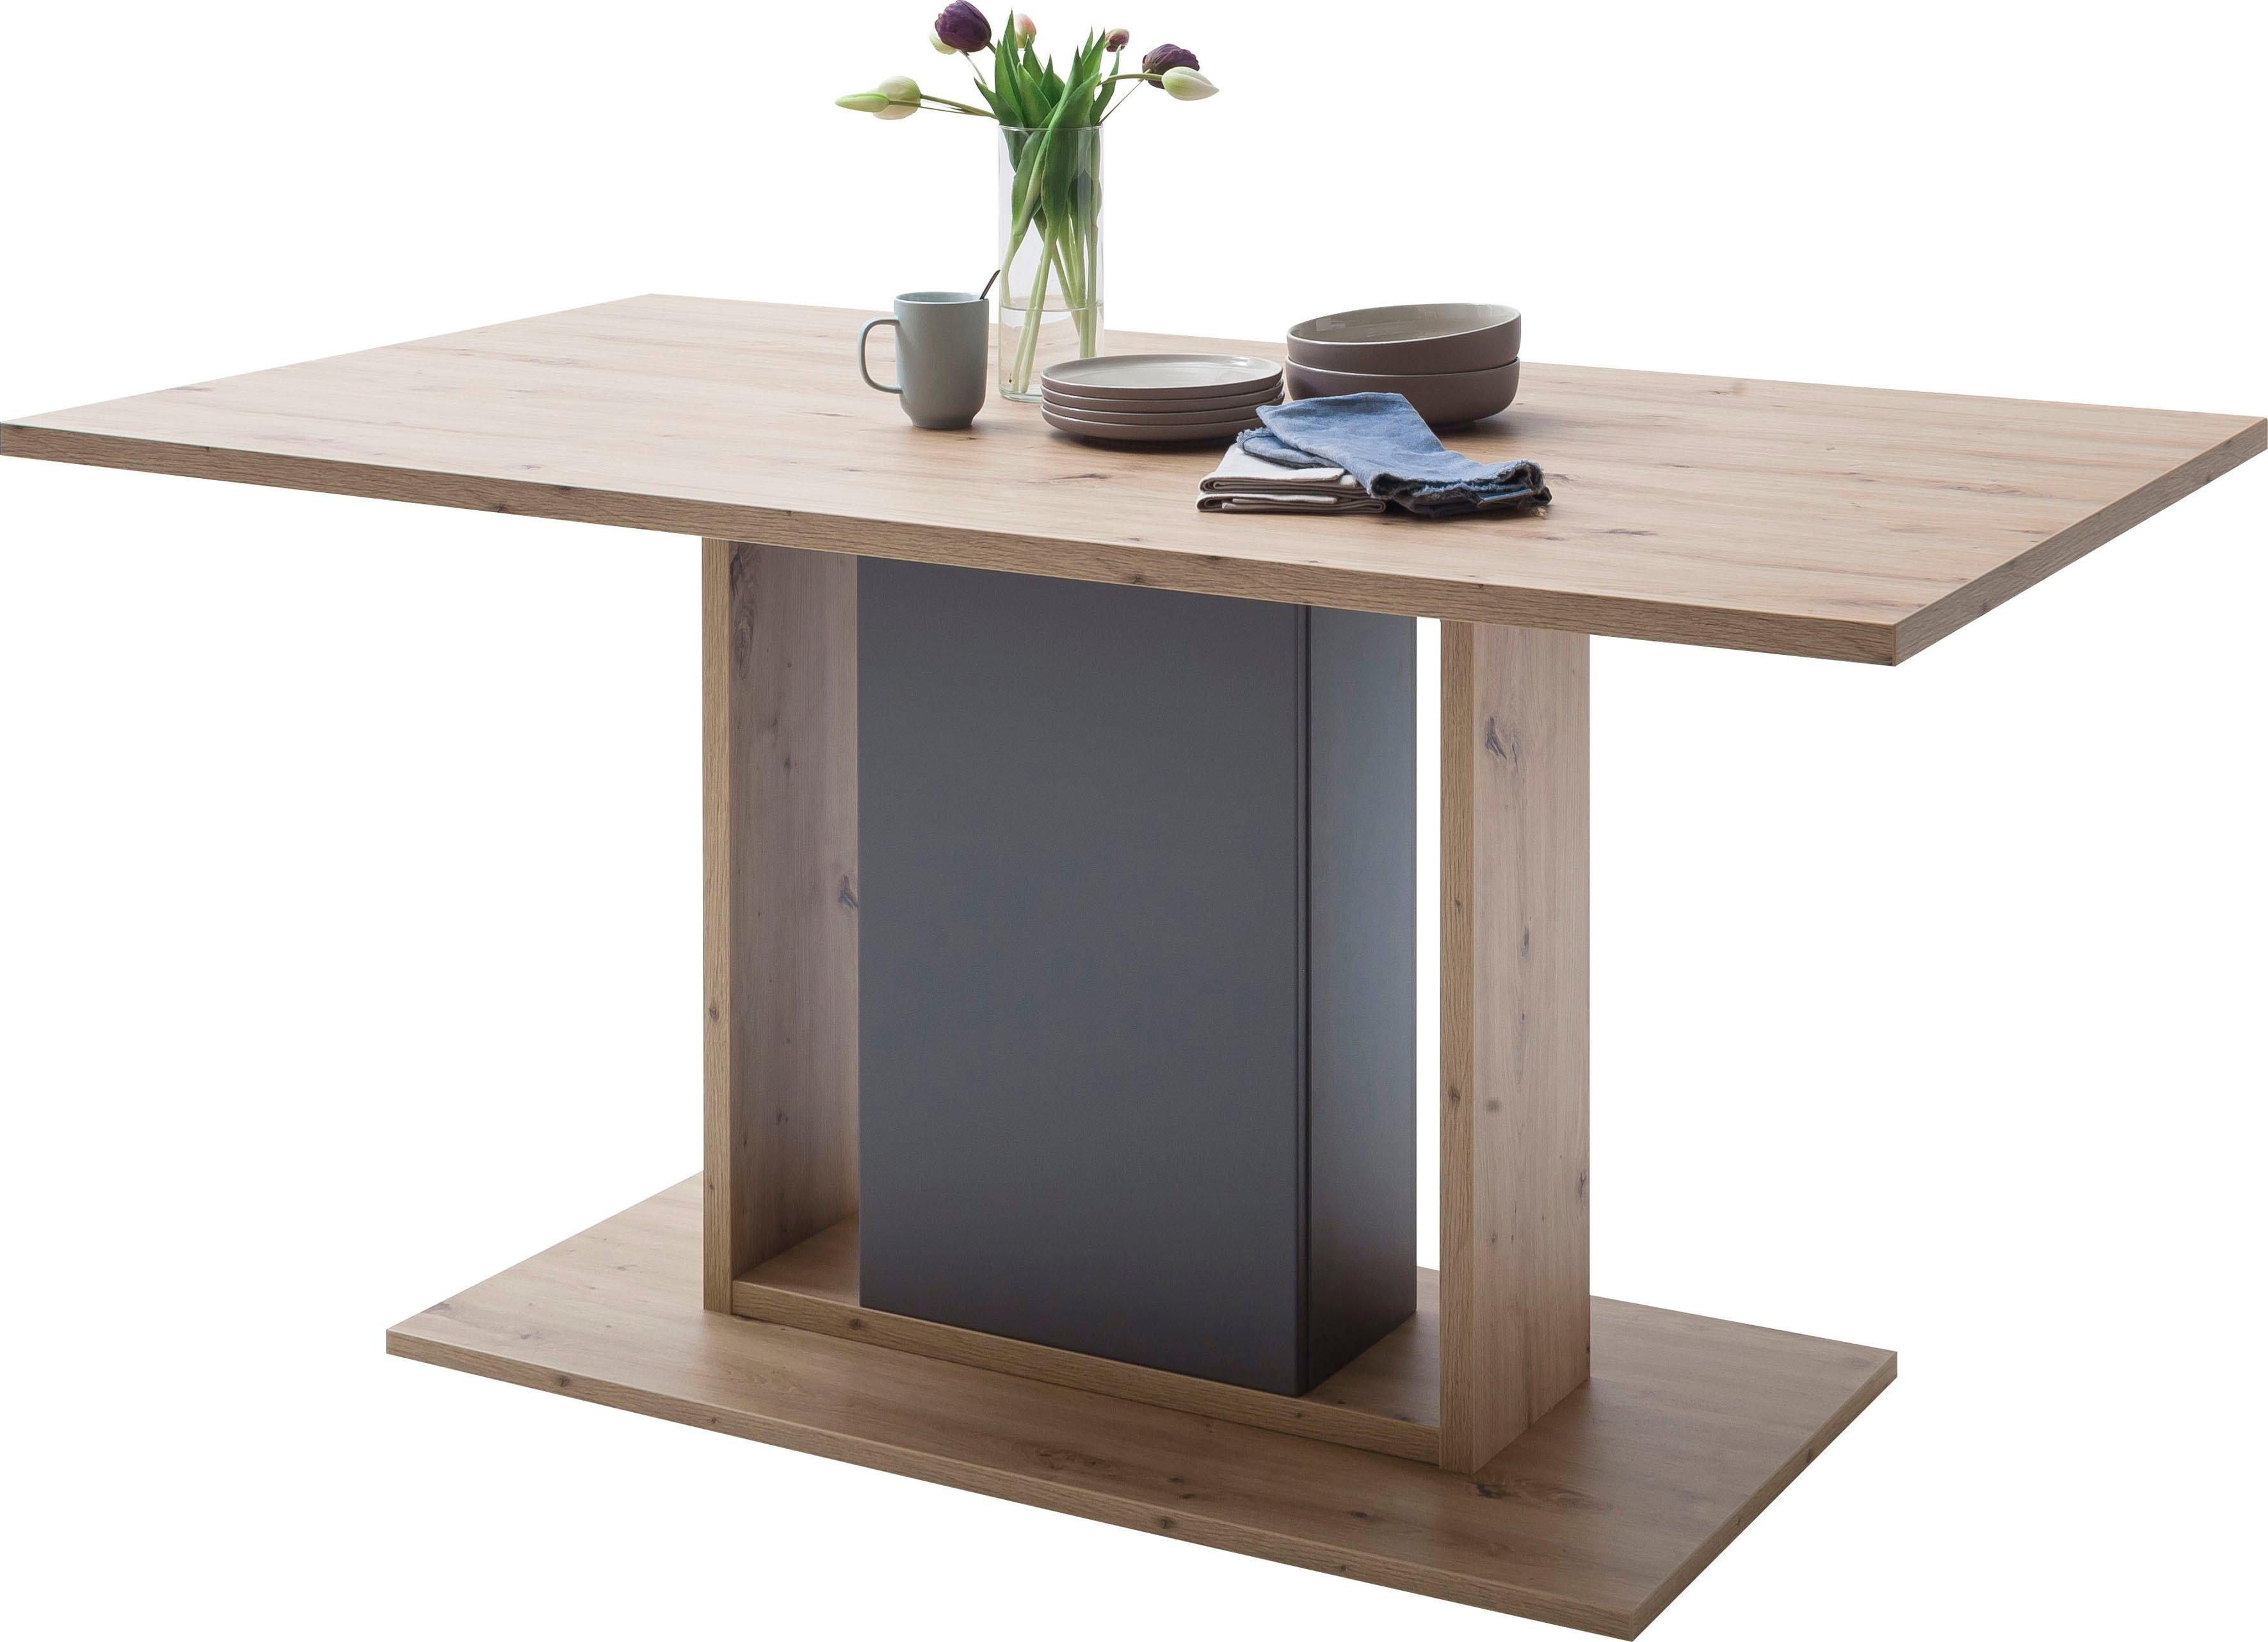 MCA furniture eettafel Lizzano Landelijke stijl modern, tot 80 kg belastbaar, tafel 160 cm breed bij OTTO online kopen